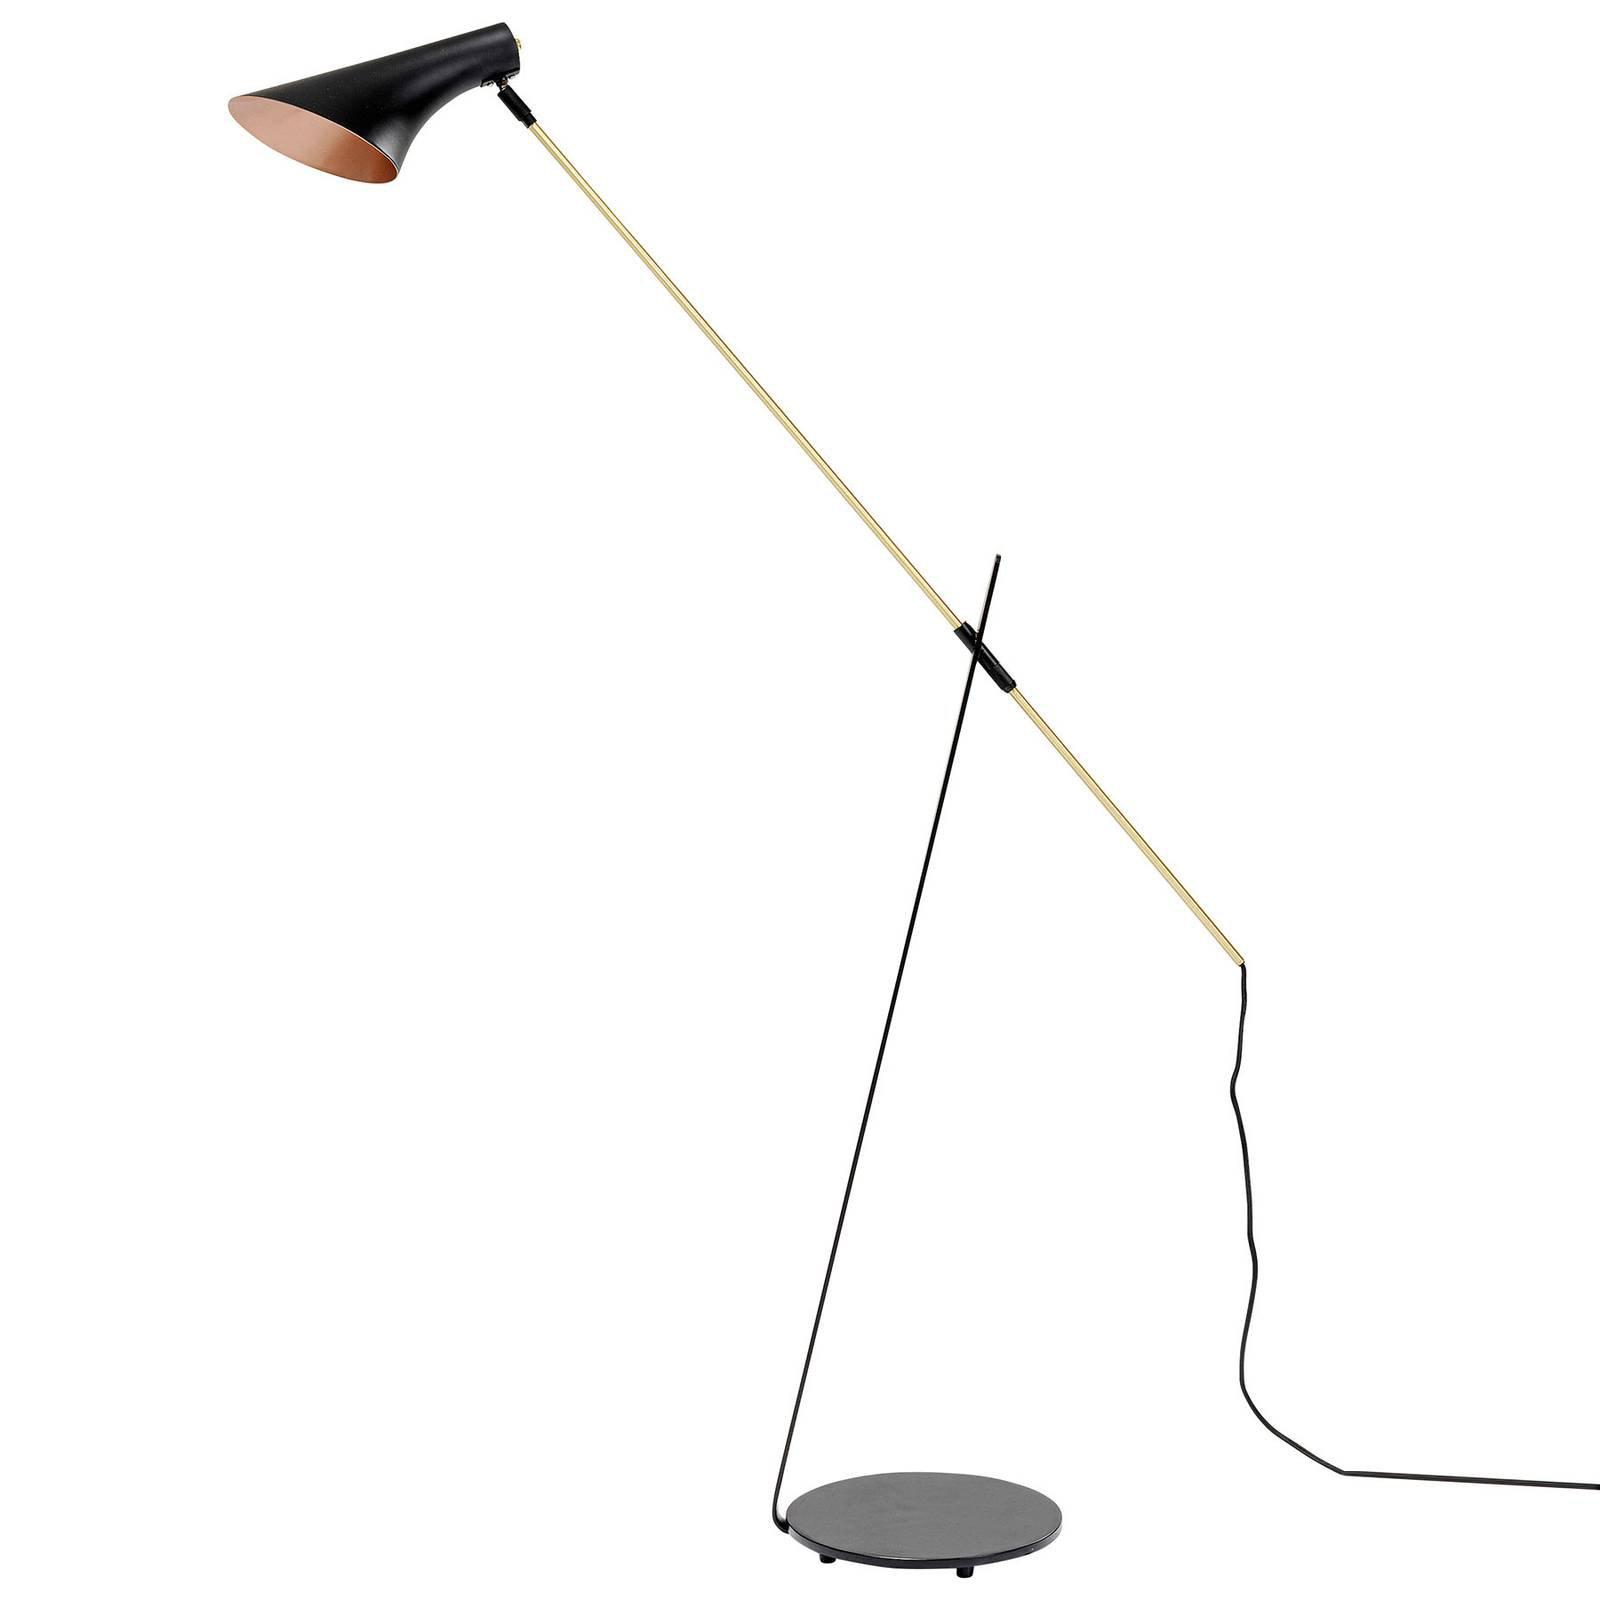 KARE Axe gulvlampe i svart med detaljer